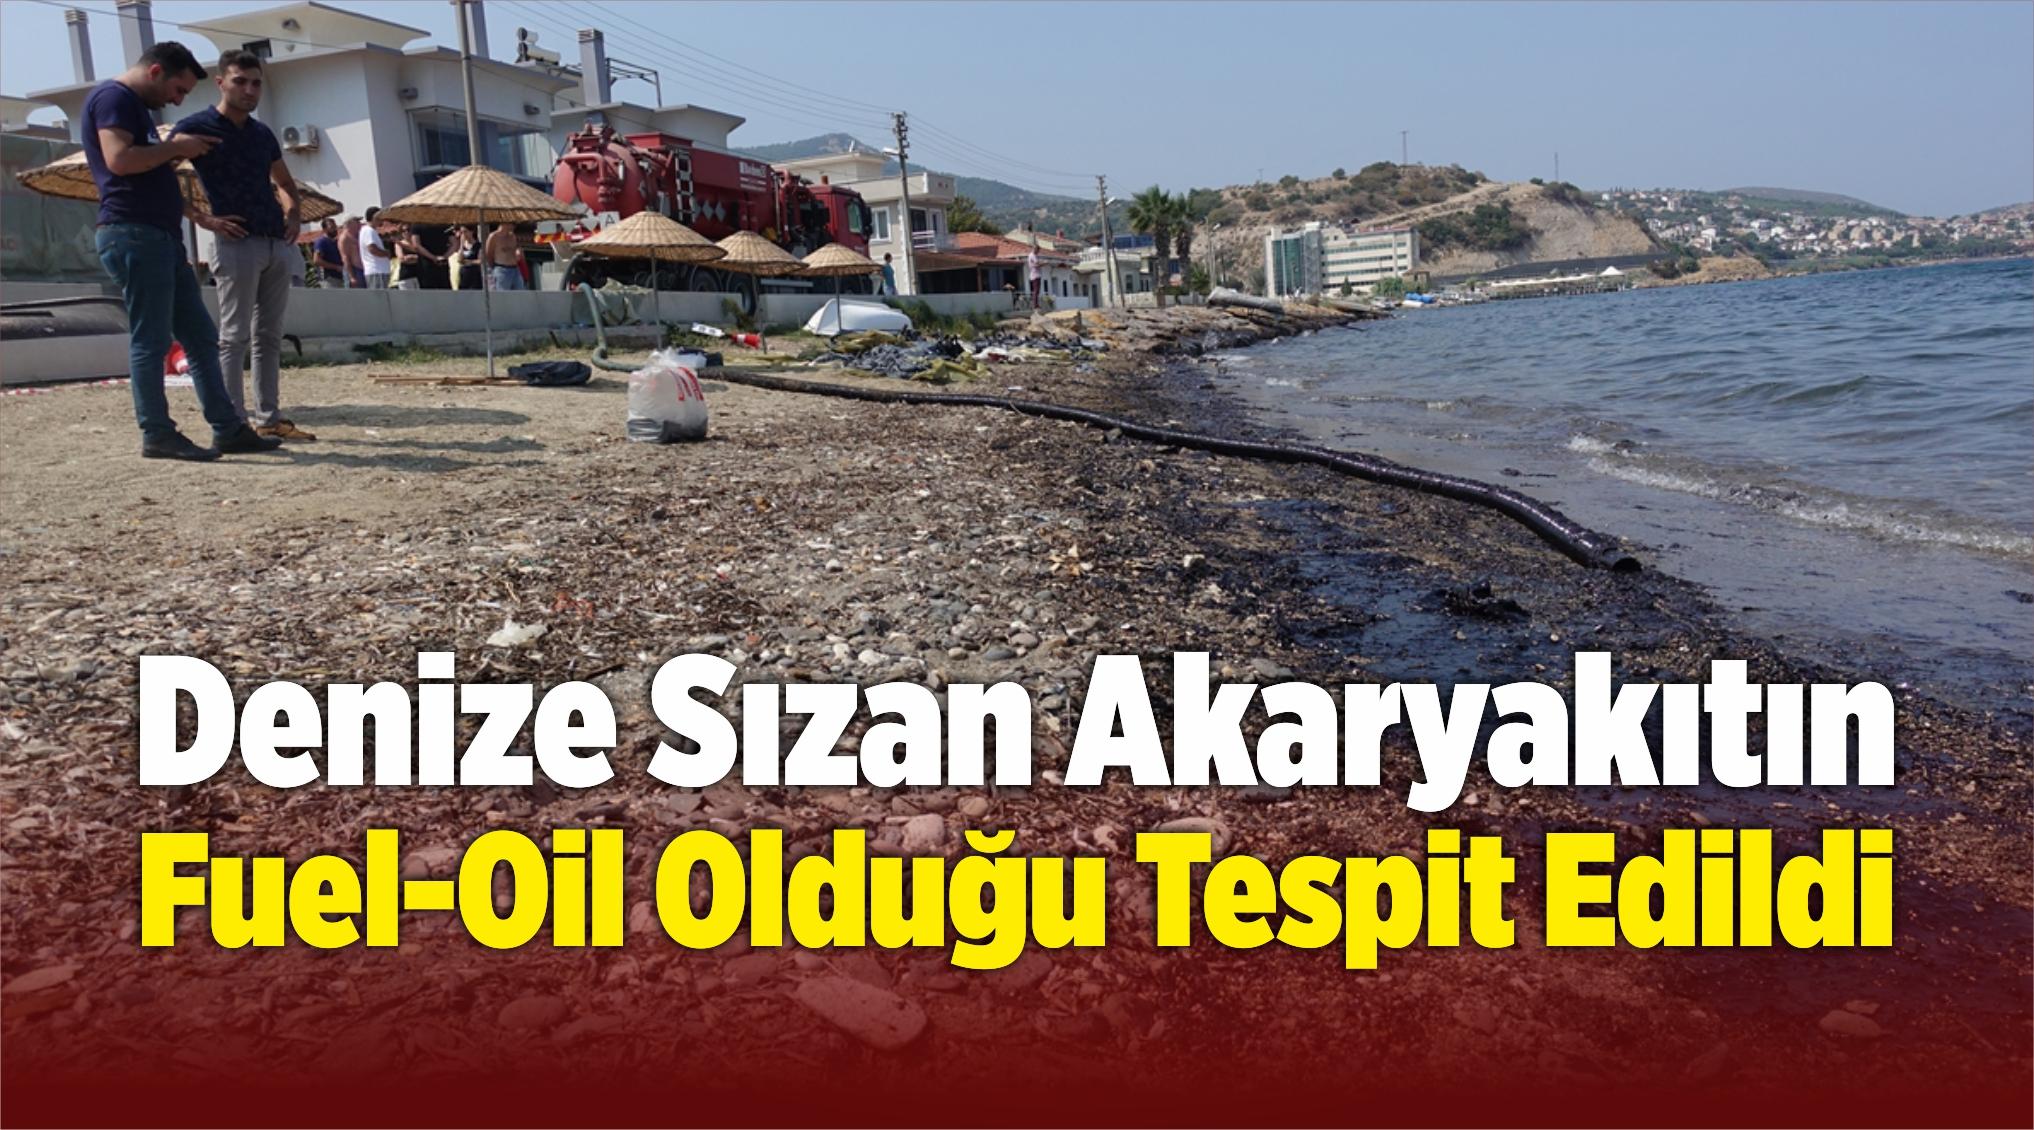 Denize Sızan Akaryakıtın Fuel-Oil Olduğu Tespit Edildi